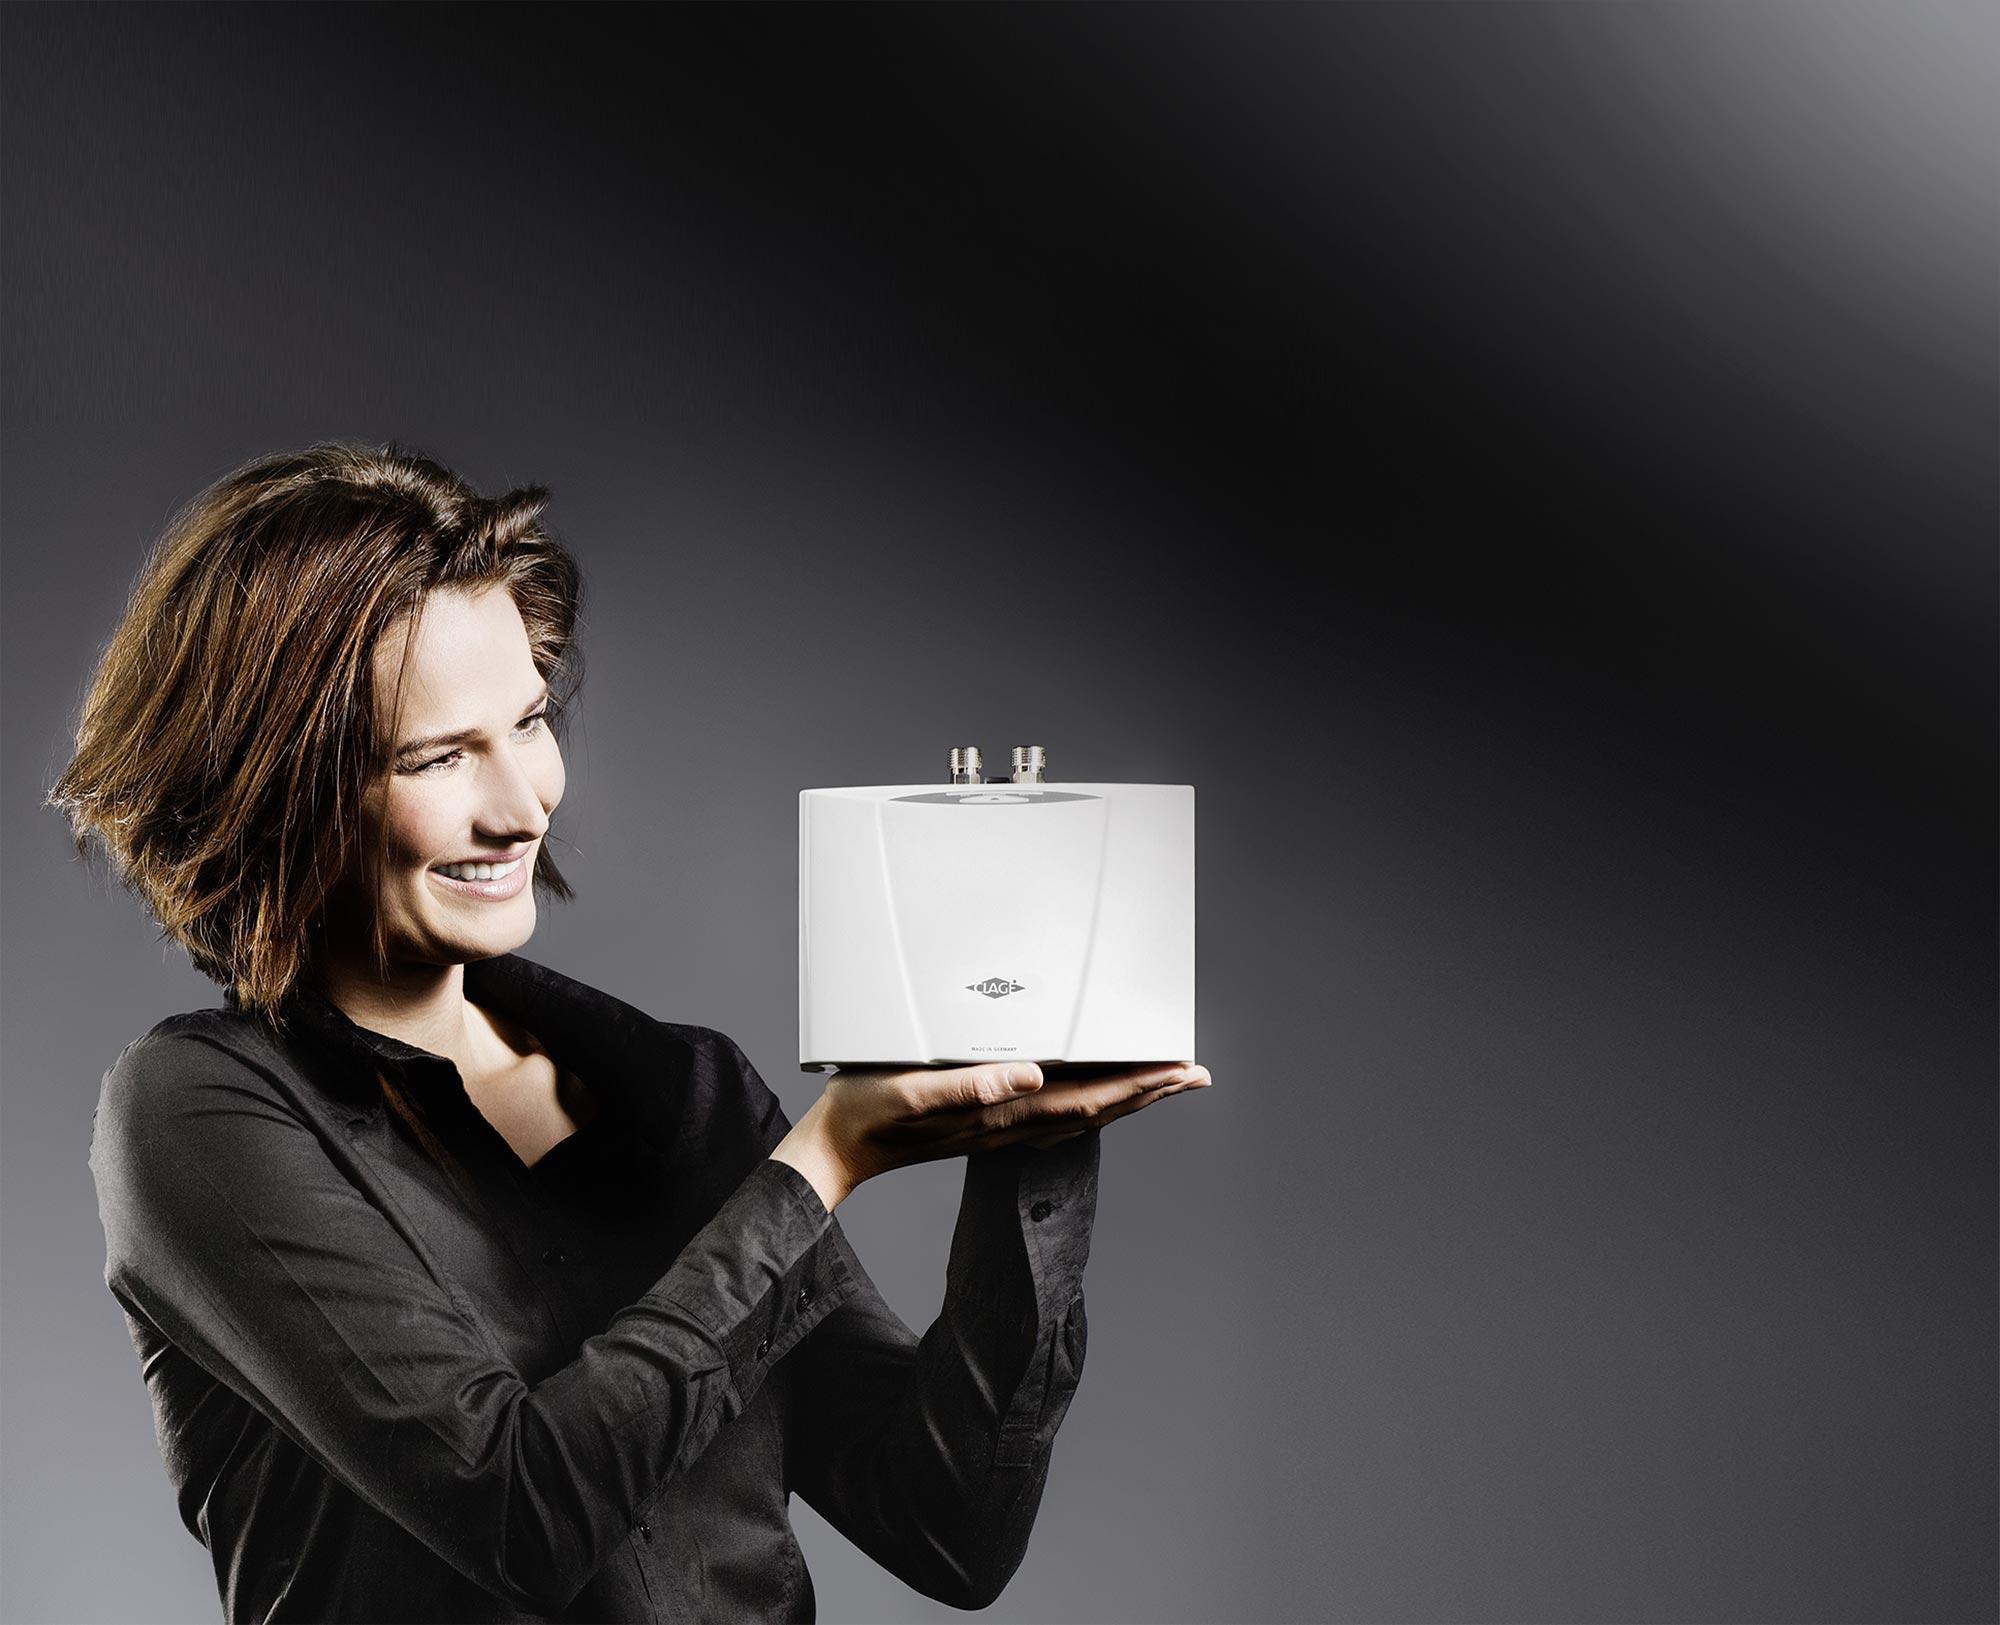 Clage esittelee uuden MCX läpivirtauslämmittimen vuonna 2011